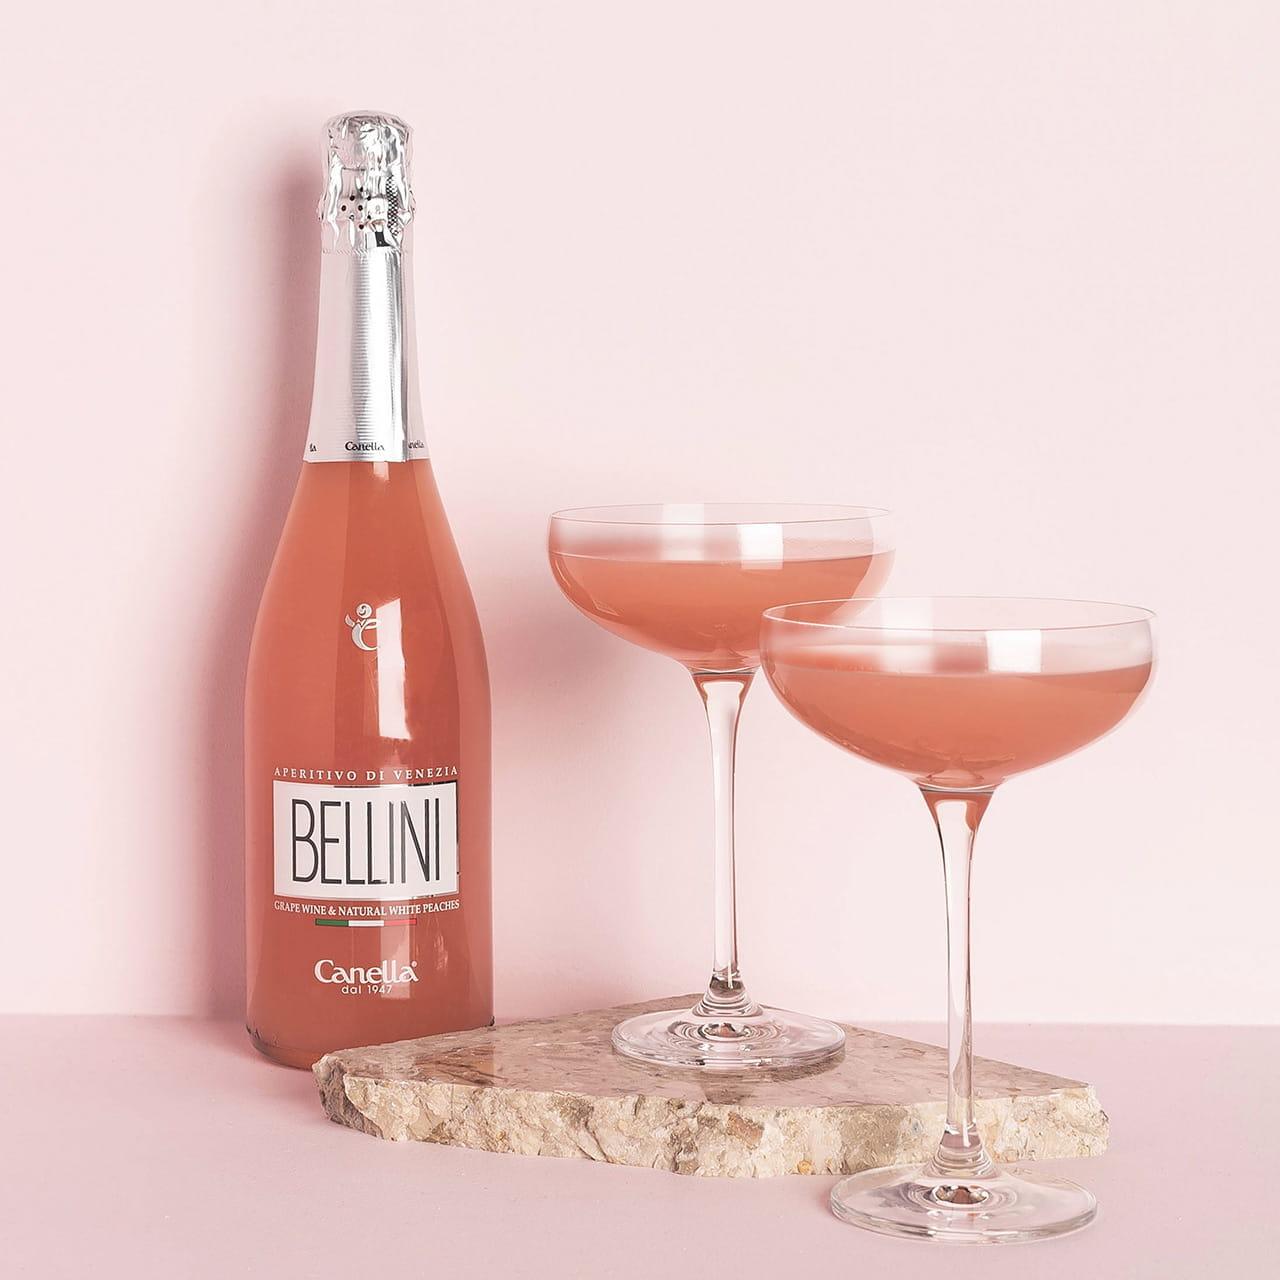 Zestaw prezentowy Bellini jako wyjątkowy upominek dla Ani